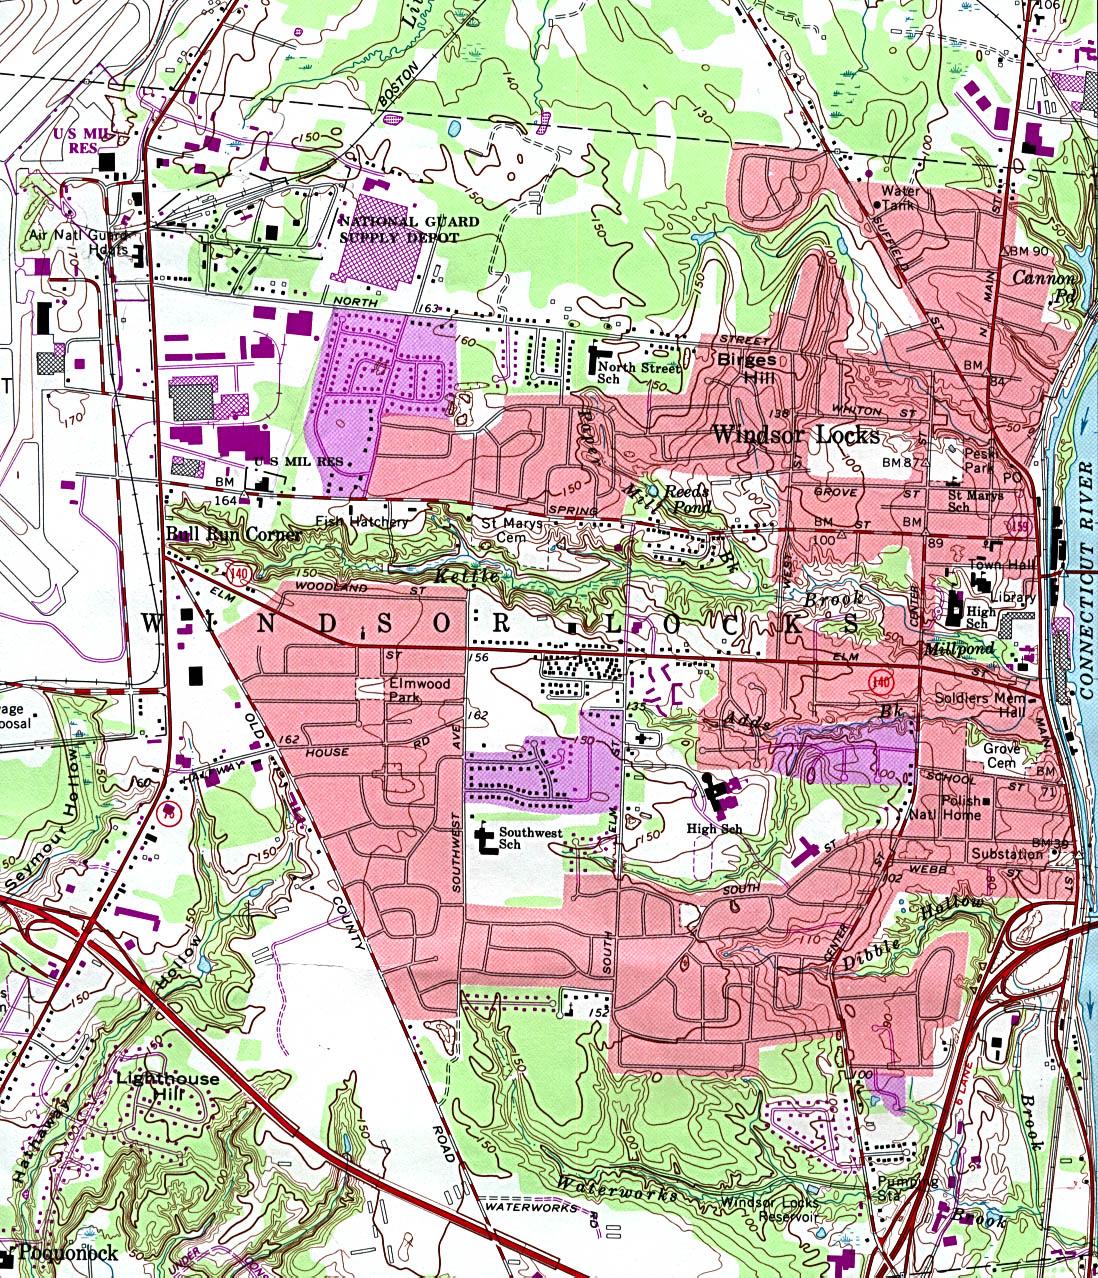 Mapa Topográfico de la Ciudad de Windsor Locks, Connecticut, Estados Unidos